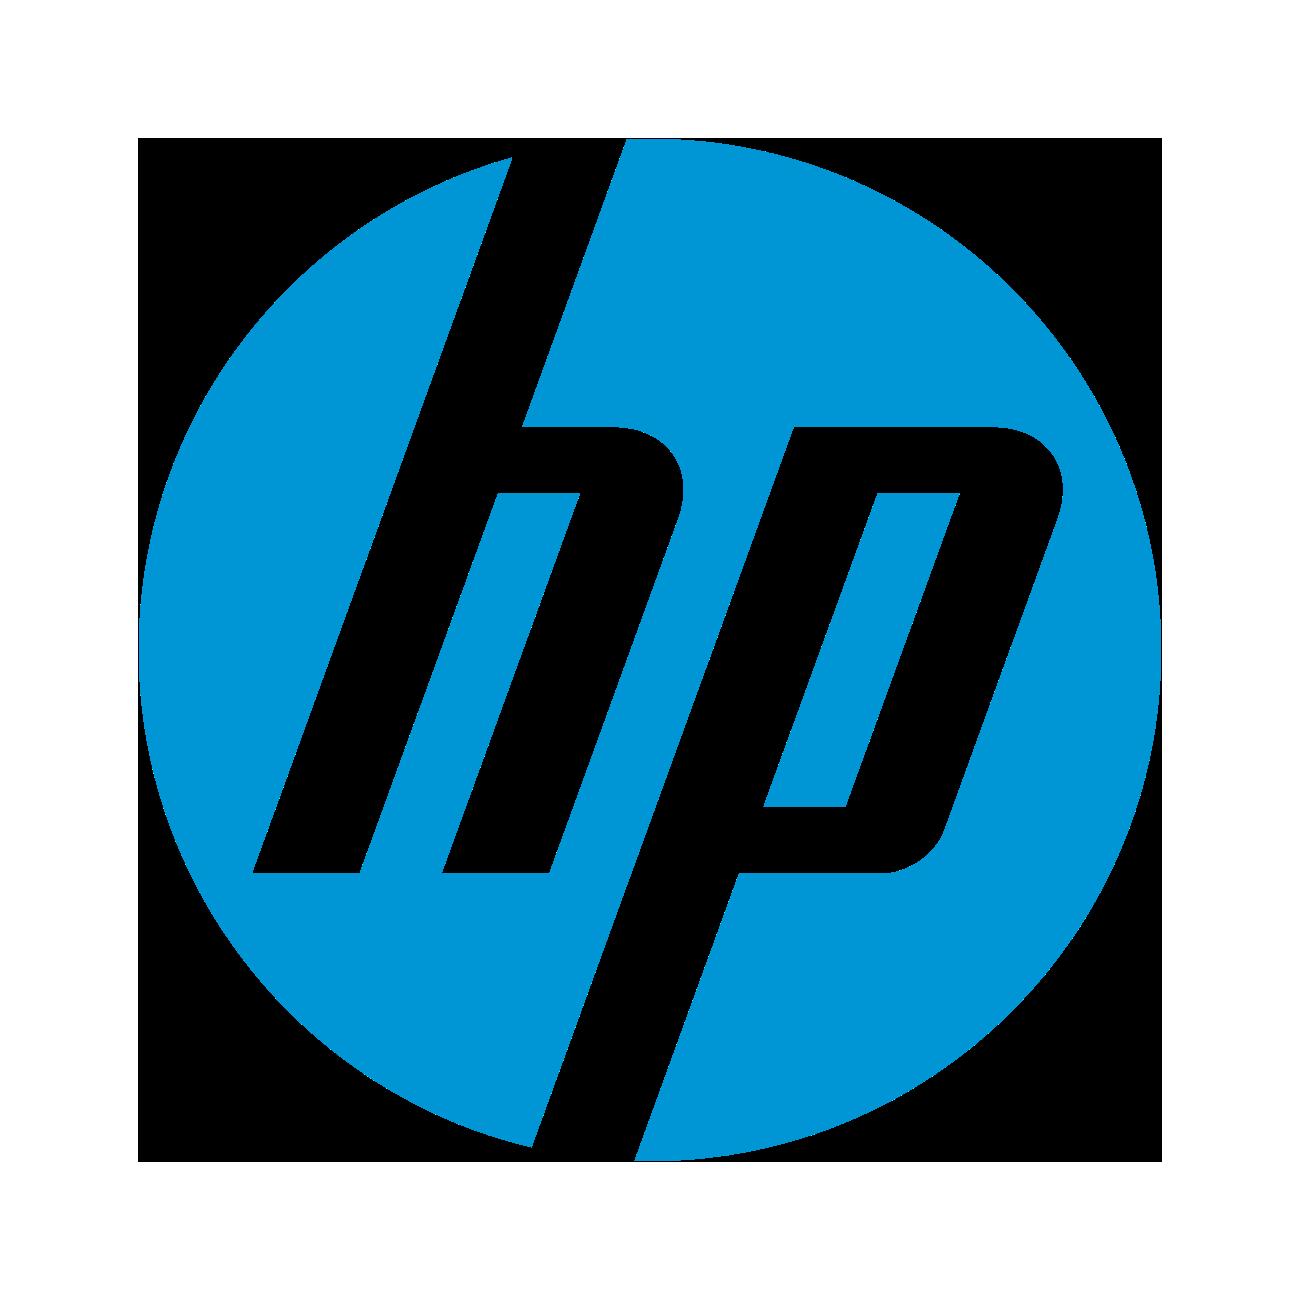 """HP OMEN 15-dh1000 15-dh1082tx 39.6 cm (15.6"""") Gaming Notebook - Full HD - 1920 x 1080 - Intel Core i7 (10th Gen) i7-10750H - 16 GB RAM - 512 GB SSD"""